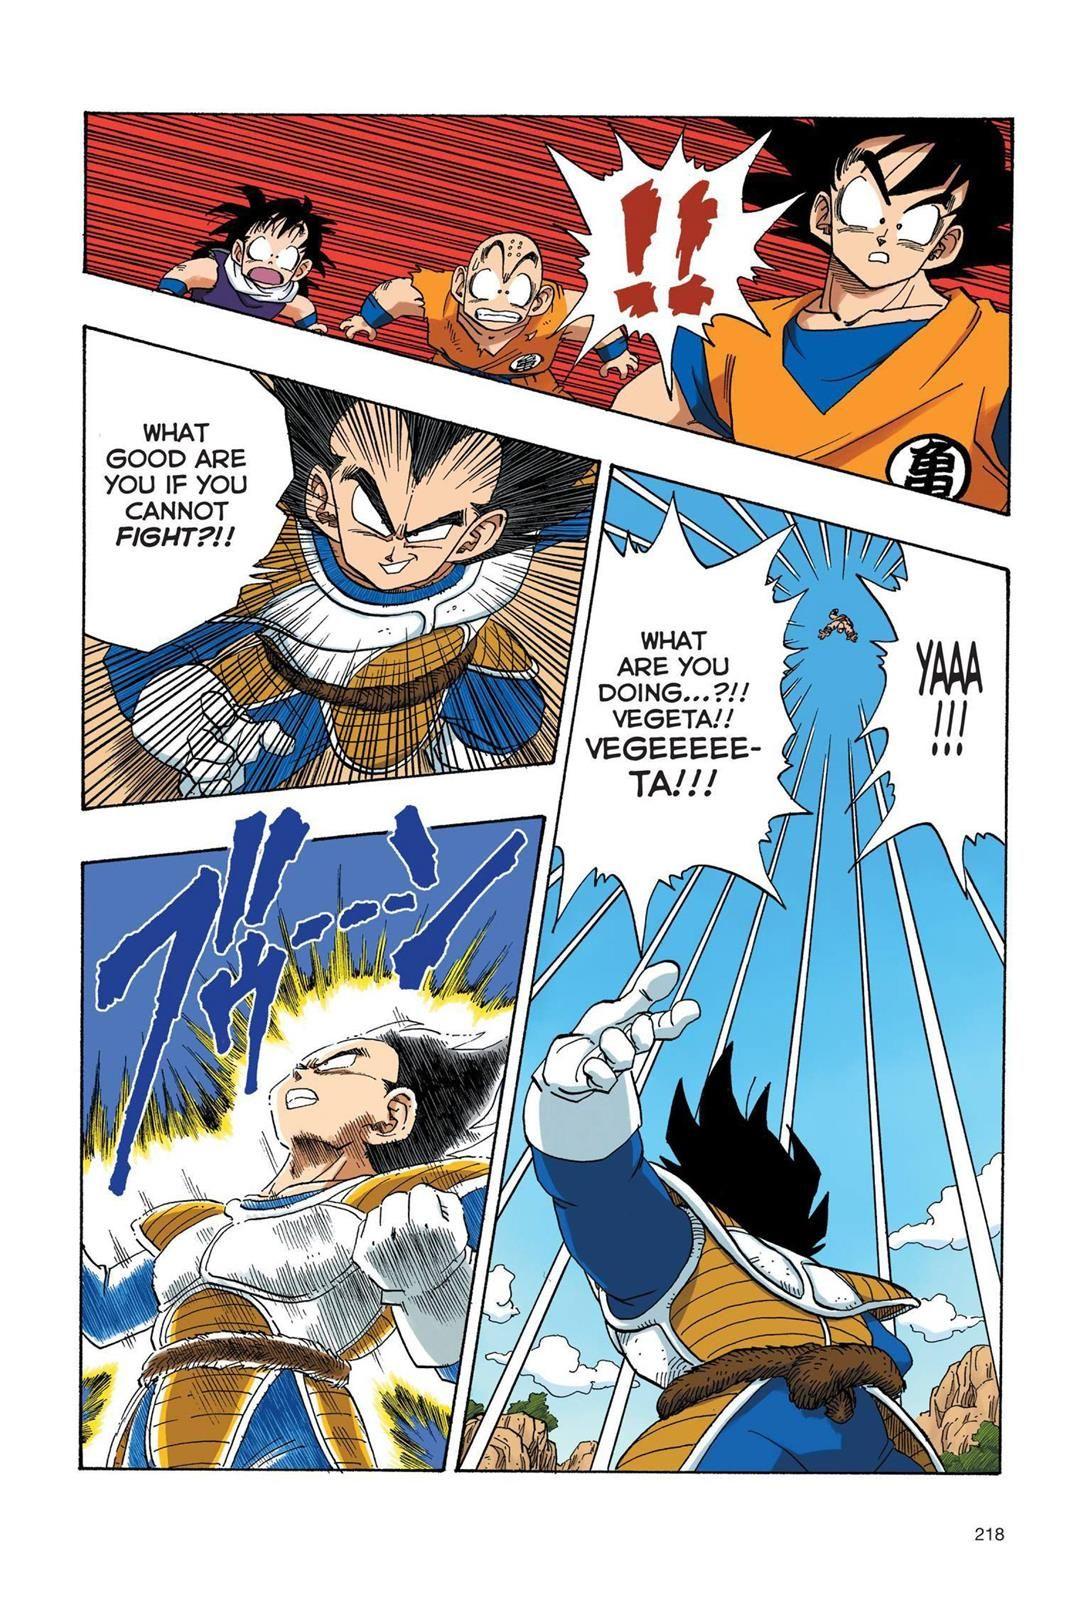 Dragon Ball Full Color Saiyan Arc Chapter 33 Page 5 Anime Dragon Ball Super Dragon Ball Artwork Dragon Ball Art